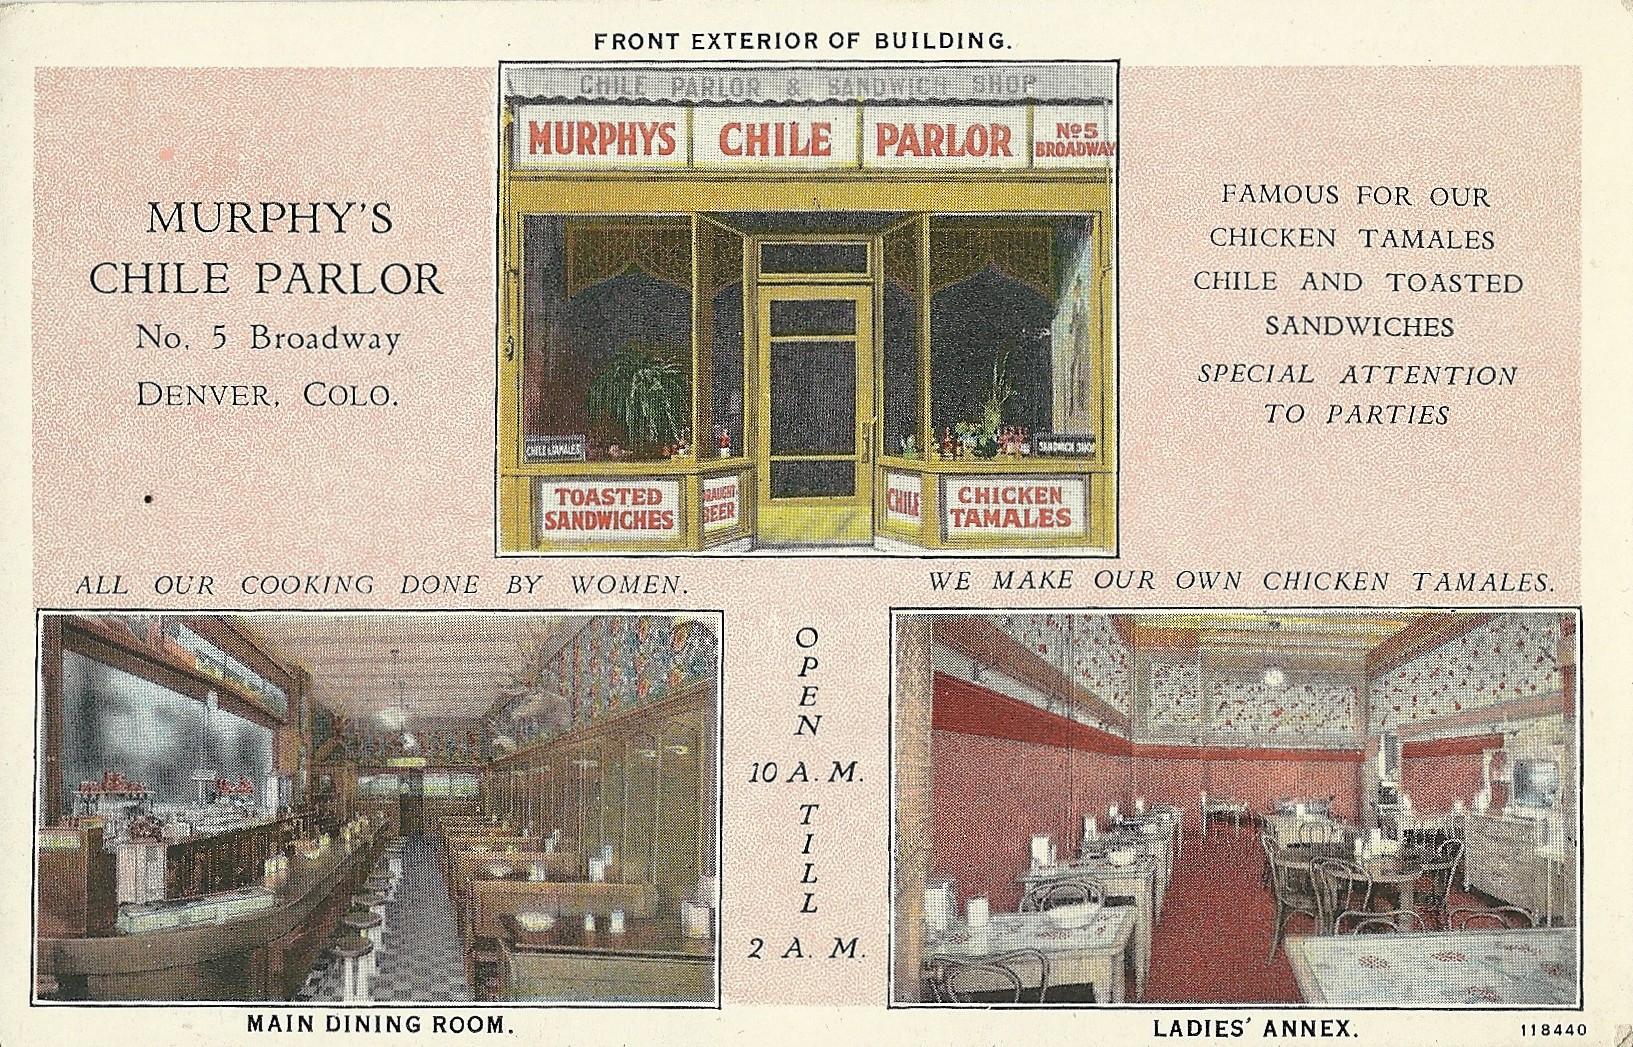 image lost restaurants murphy's